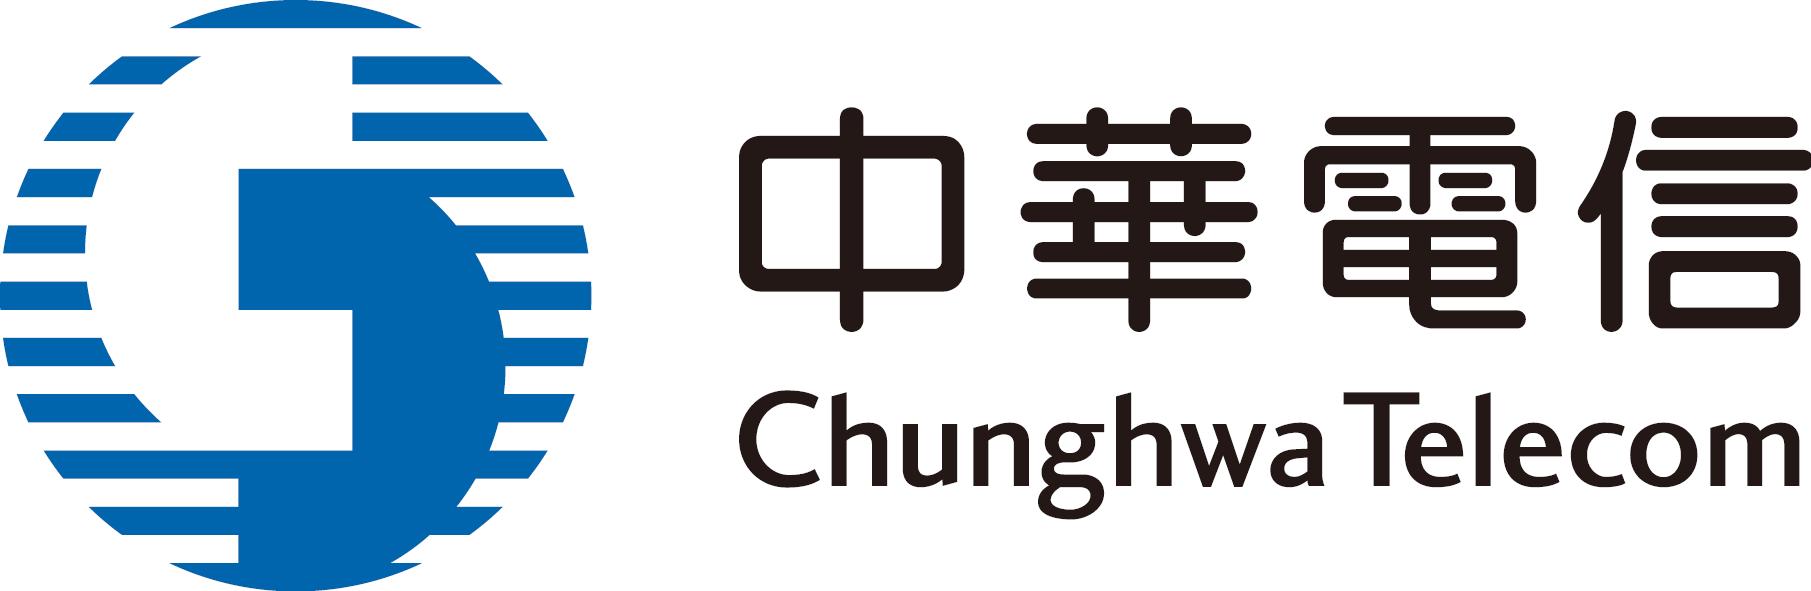 ChunghwaLOGO.PNG